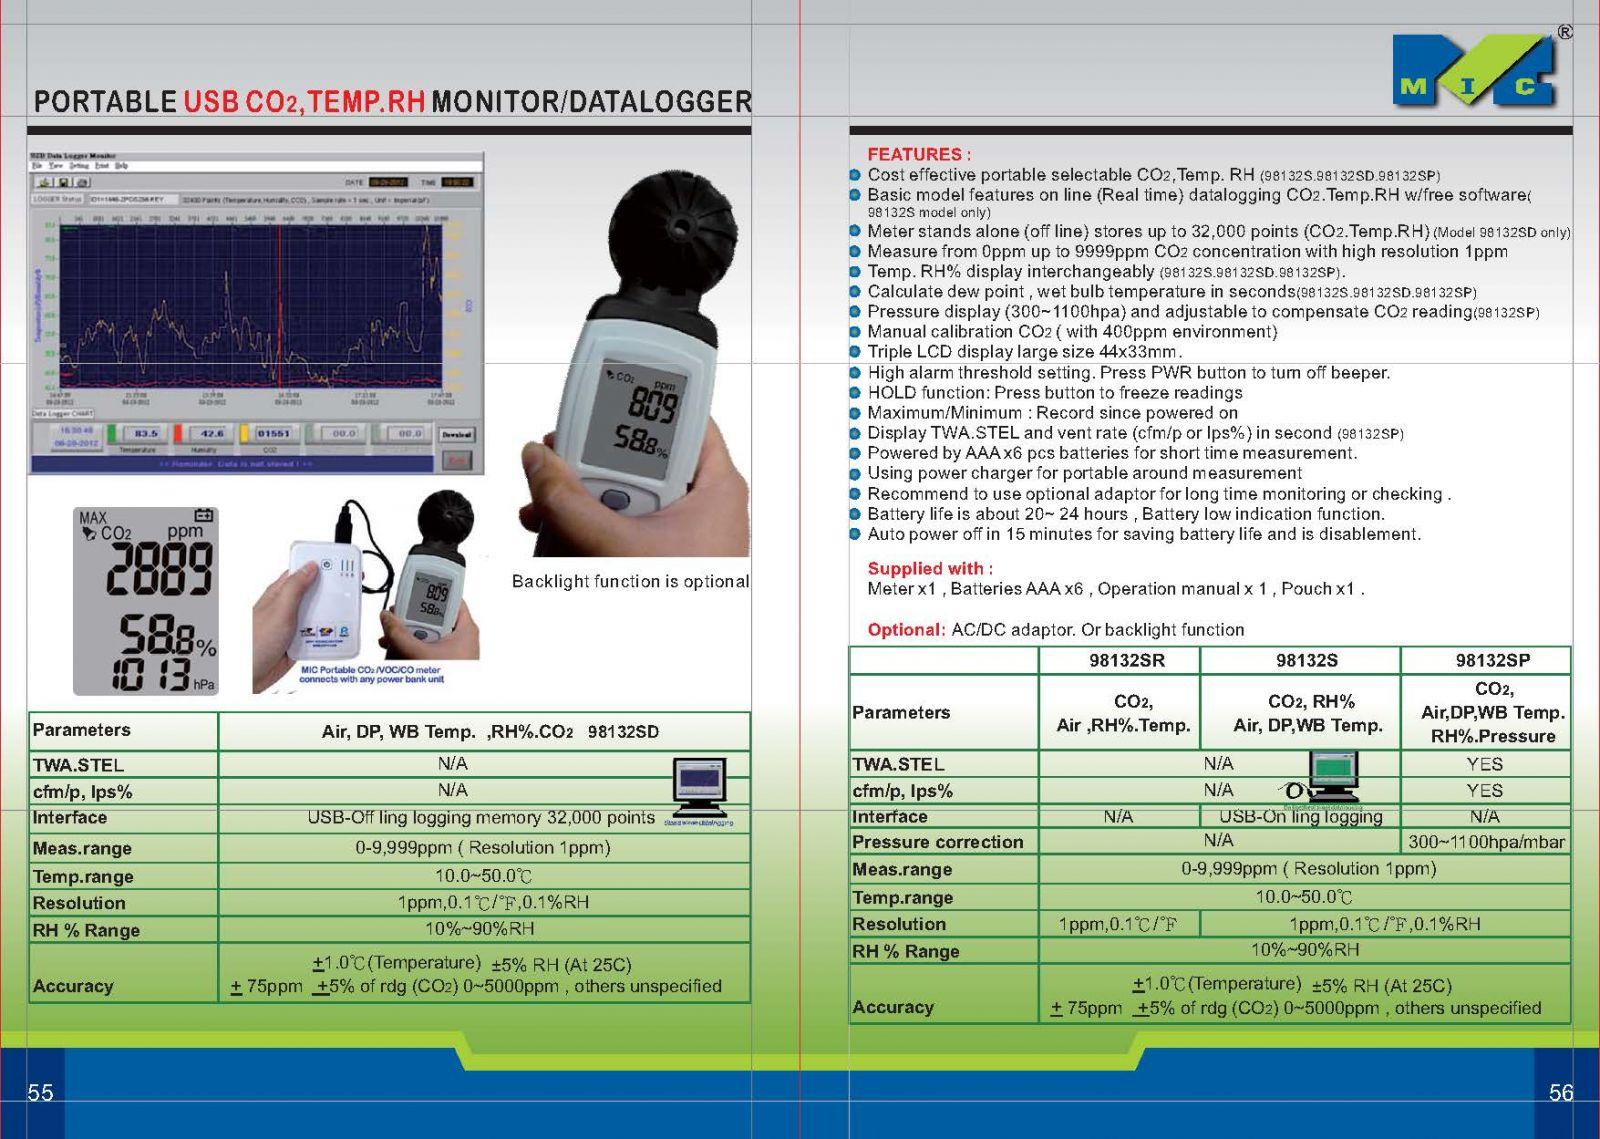 Catolog máy đo khíkhí CO2 trong không khí model 98132SR (0-9,999ppm)Mic